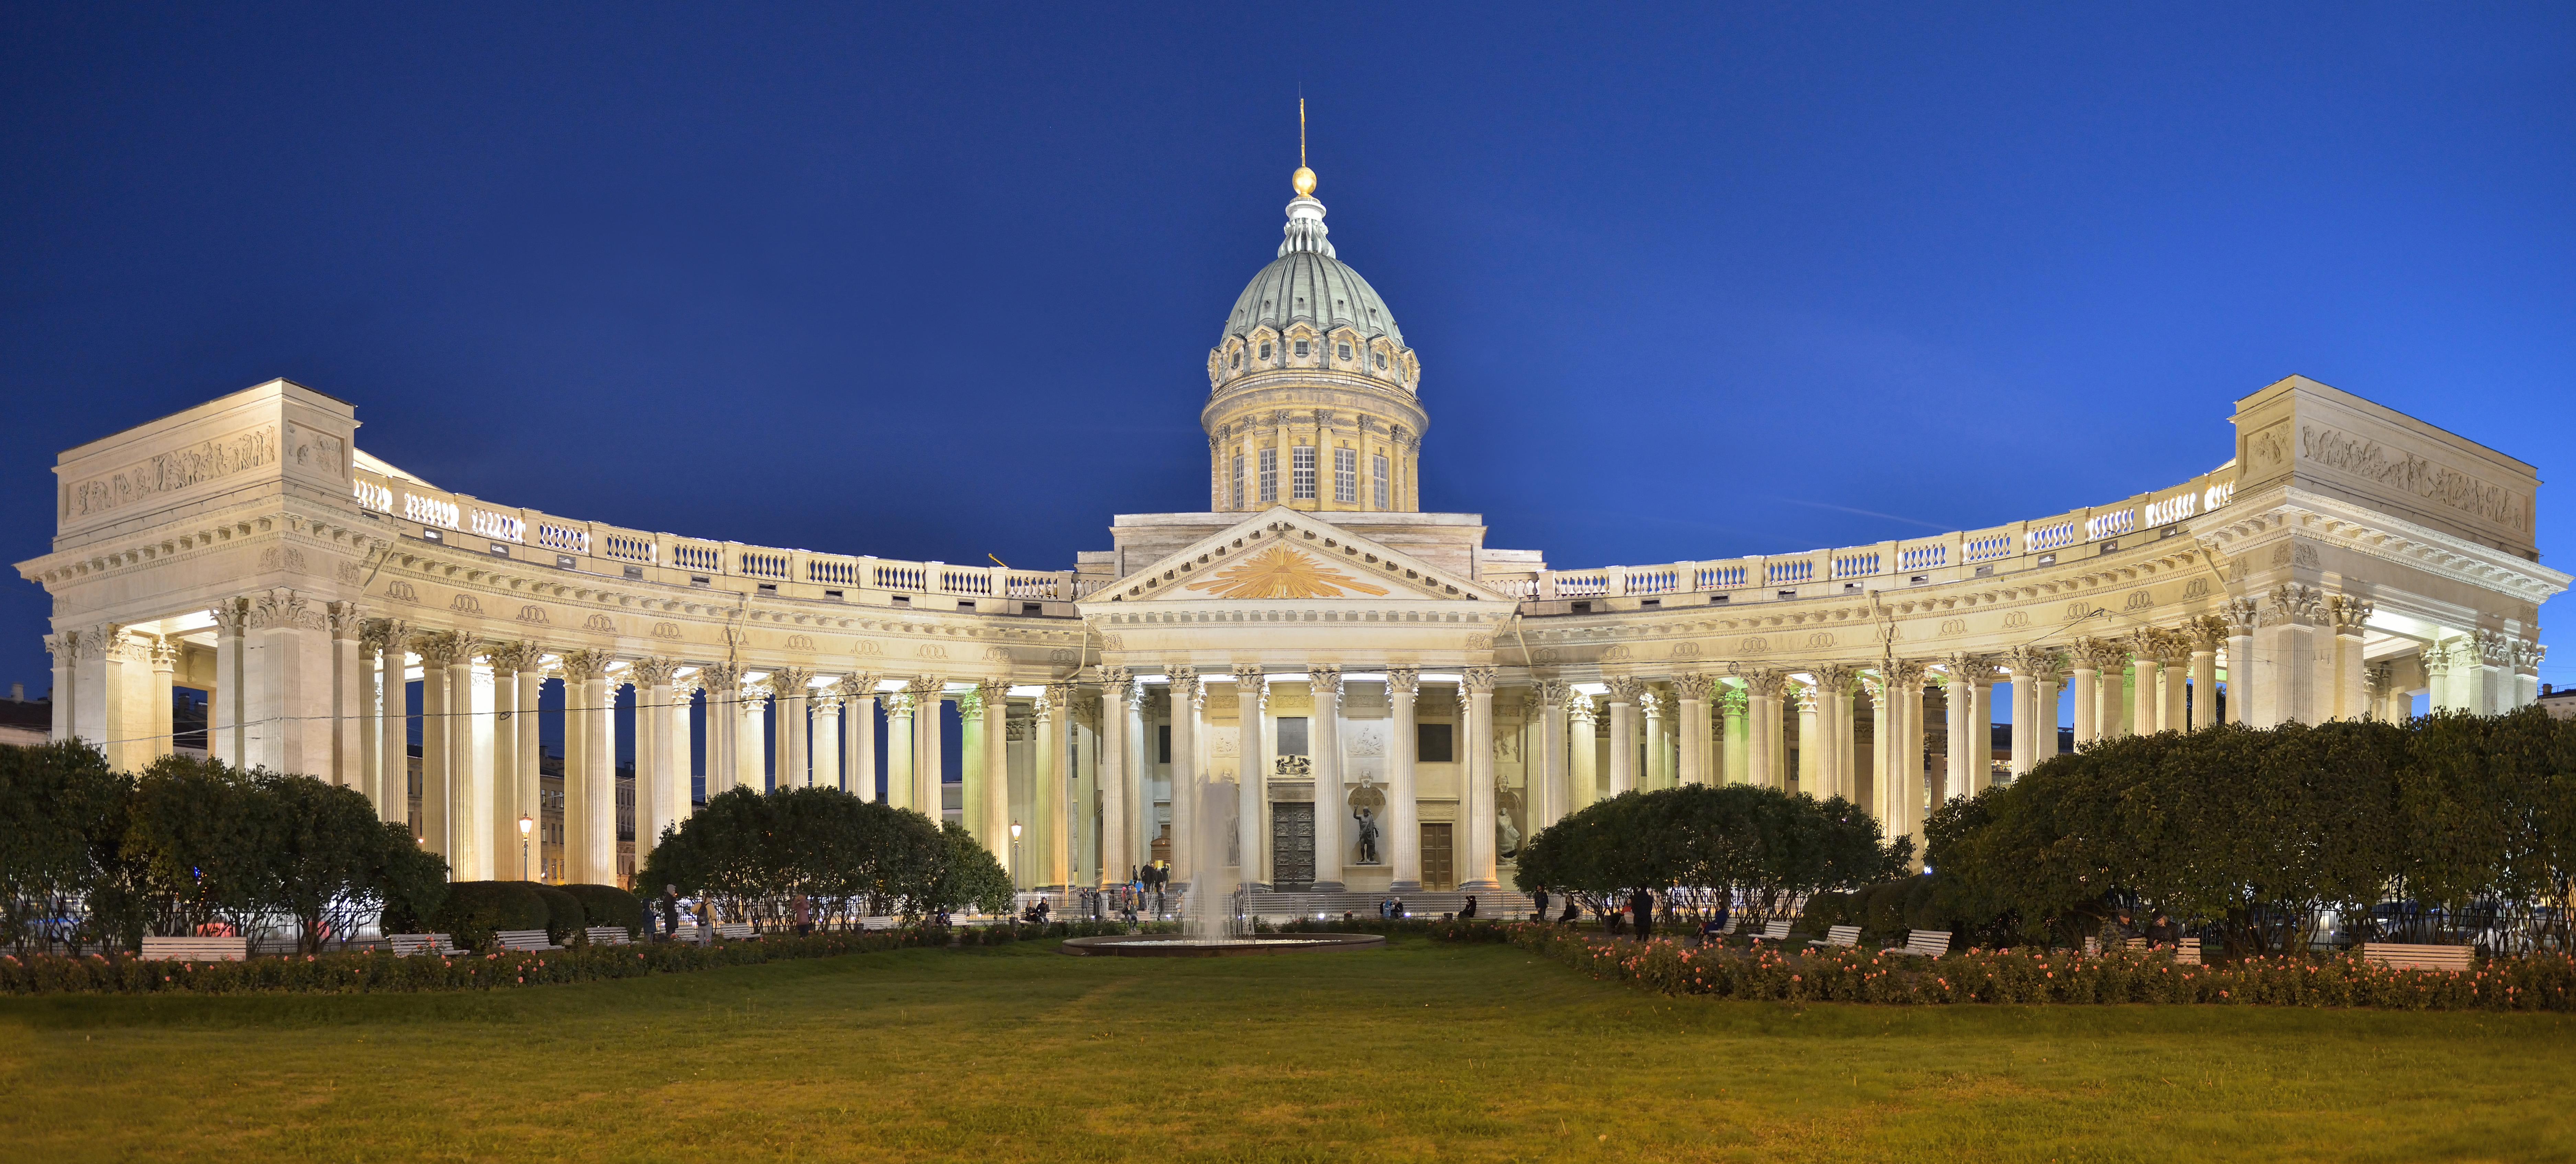 День города Санкт-Петербург